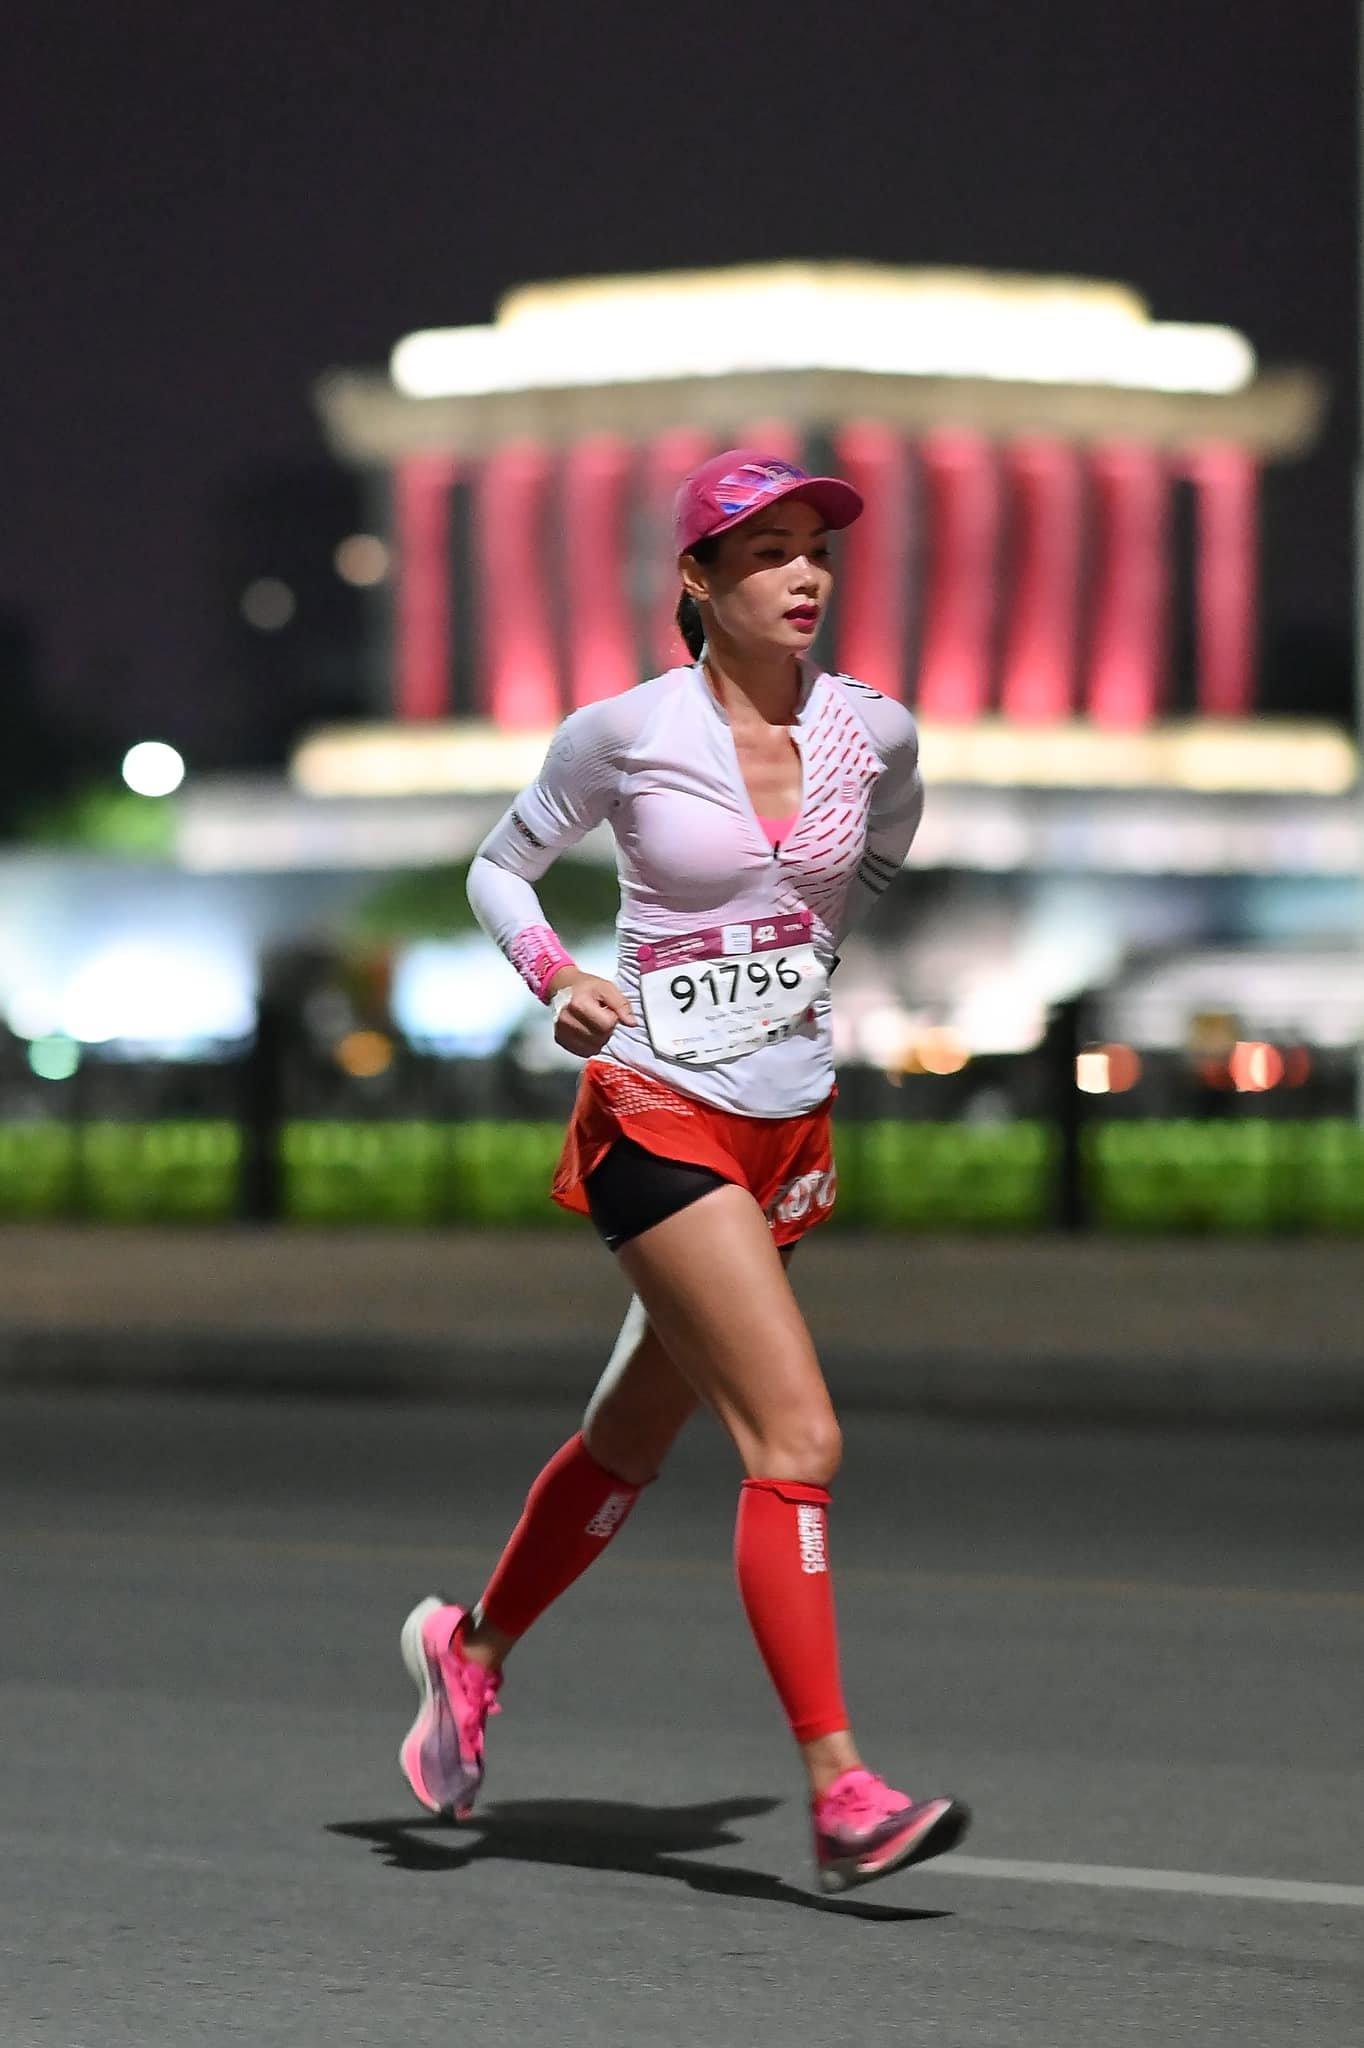 Một nữ runner trên đường chạy đêm VM Hà Nội. Ảnh: VM